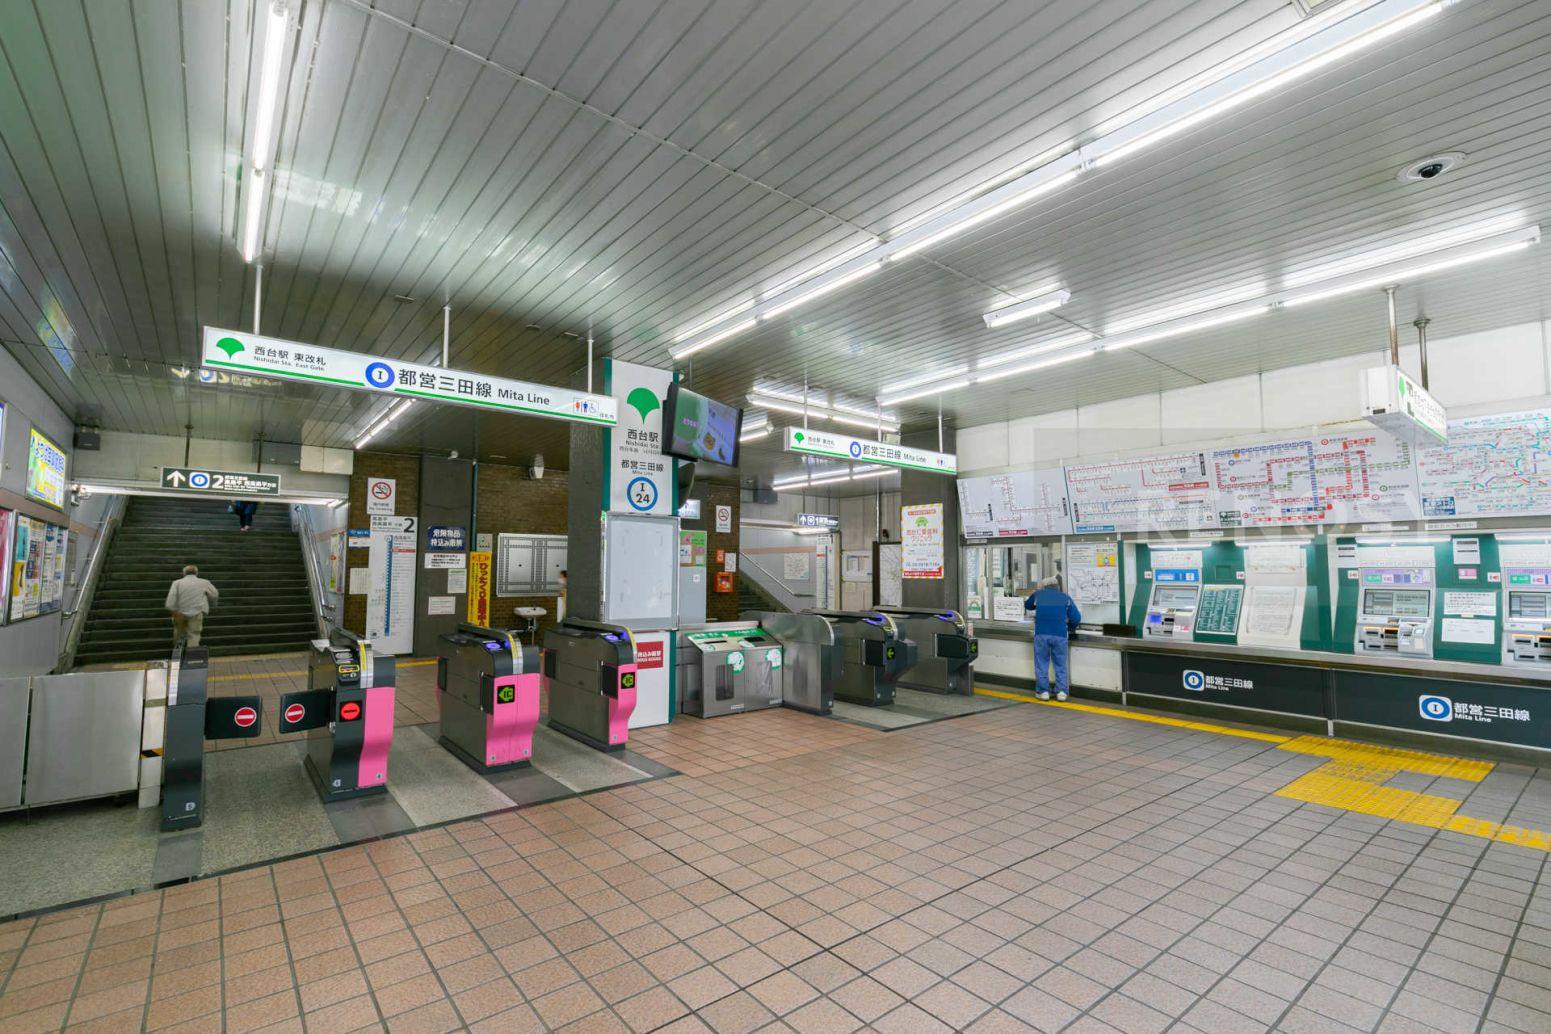 プレステージ西台ステーションフロント